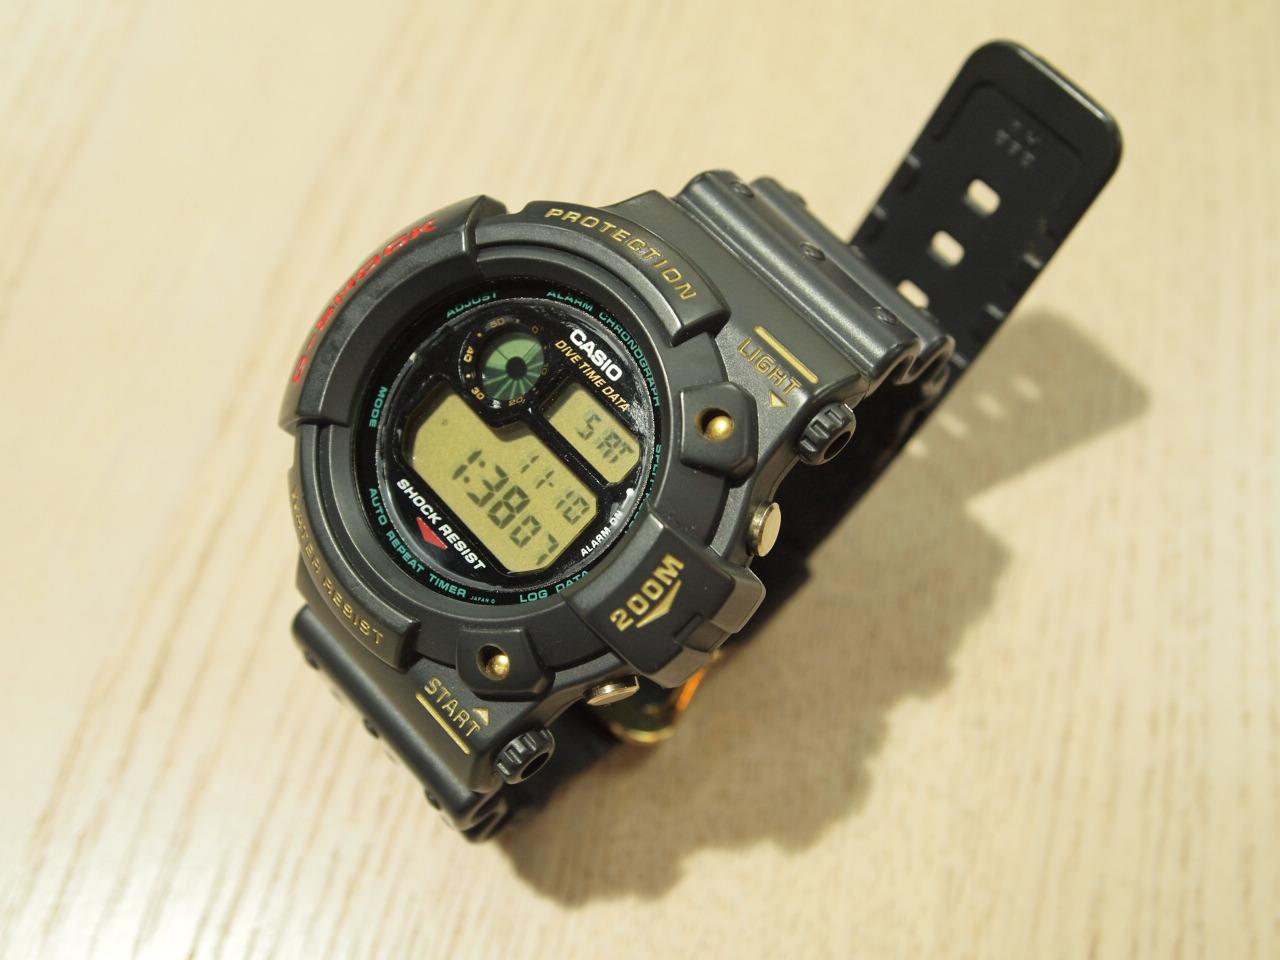 G-SHOCK DW-6300-1C(G-ショック 初代フロッグマン限定)【中古品】